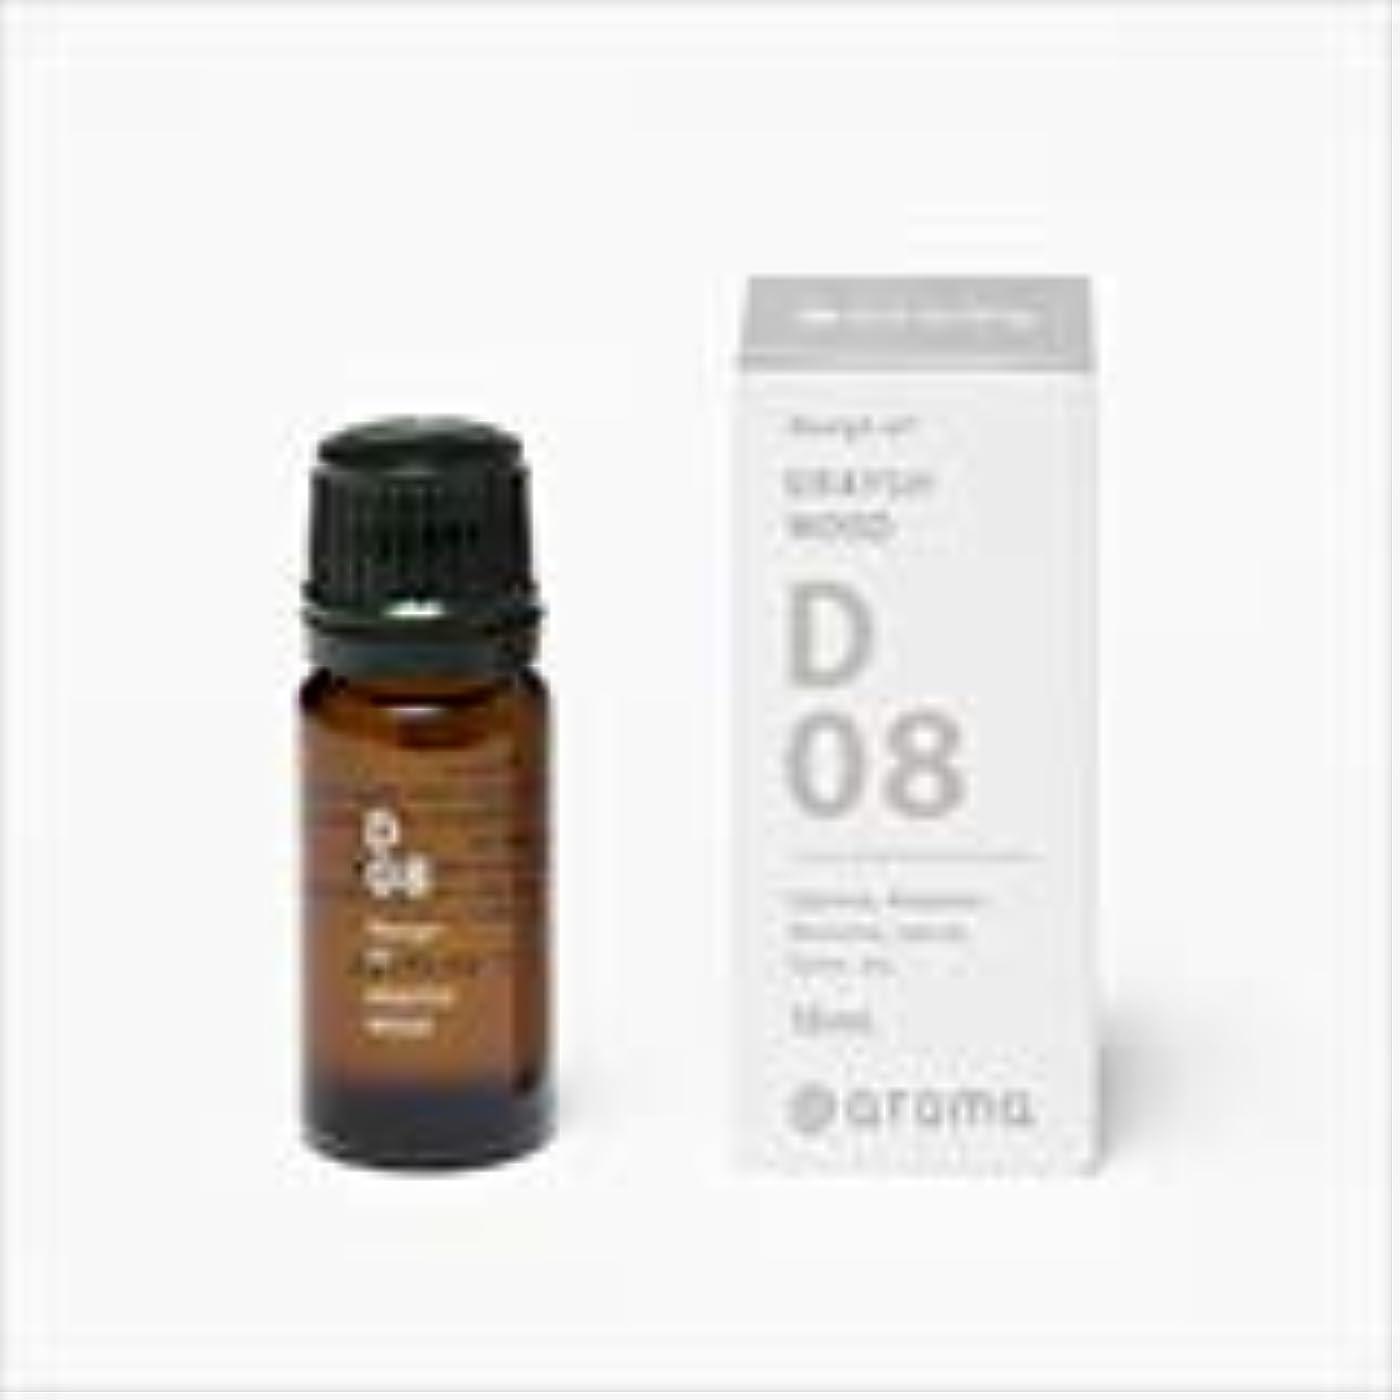 動作どちらか接ぎ木アットアロマ 100%pure essential oil <Design air ルーセントパープル>